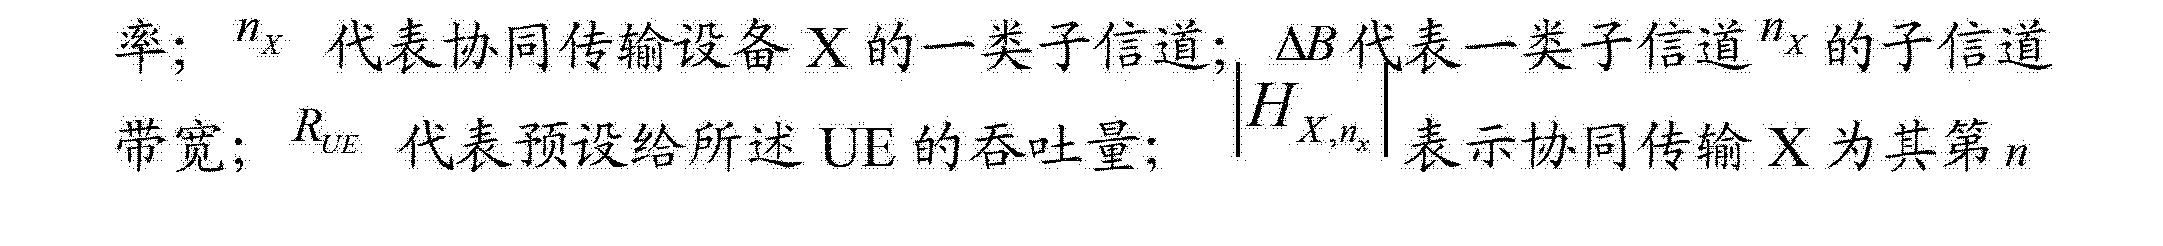 Figure CN103906200AC00022